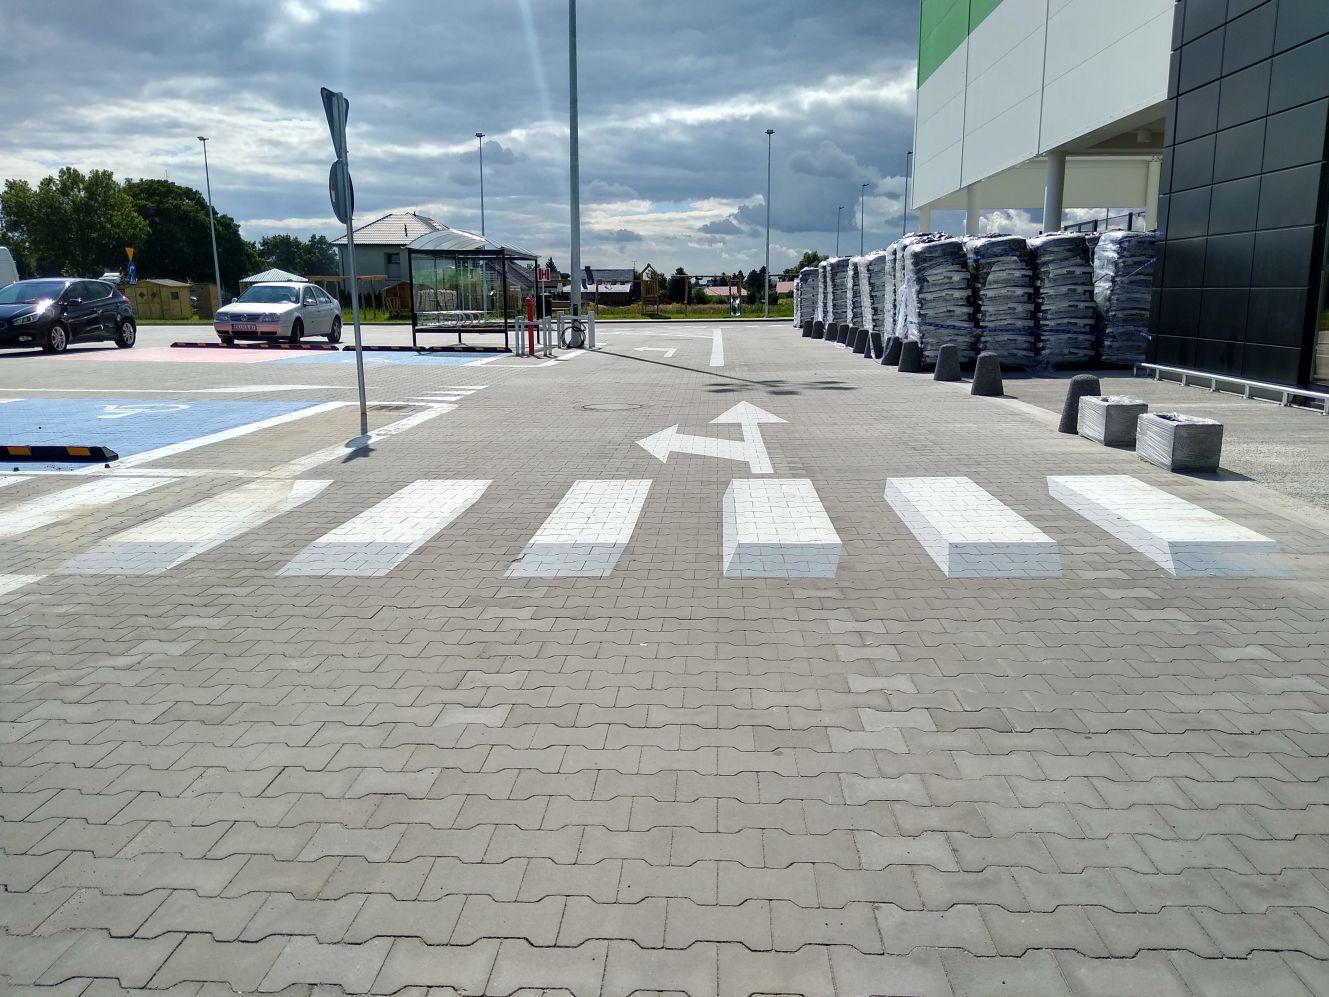 Niecodzienny widok przy kutnowskim sklepie. Namalowali… trójwymiarowe przejście dla pieszych [ZDJĘCIA] - Zdjęcie główne